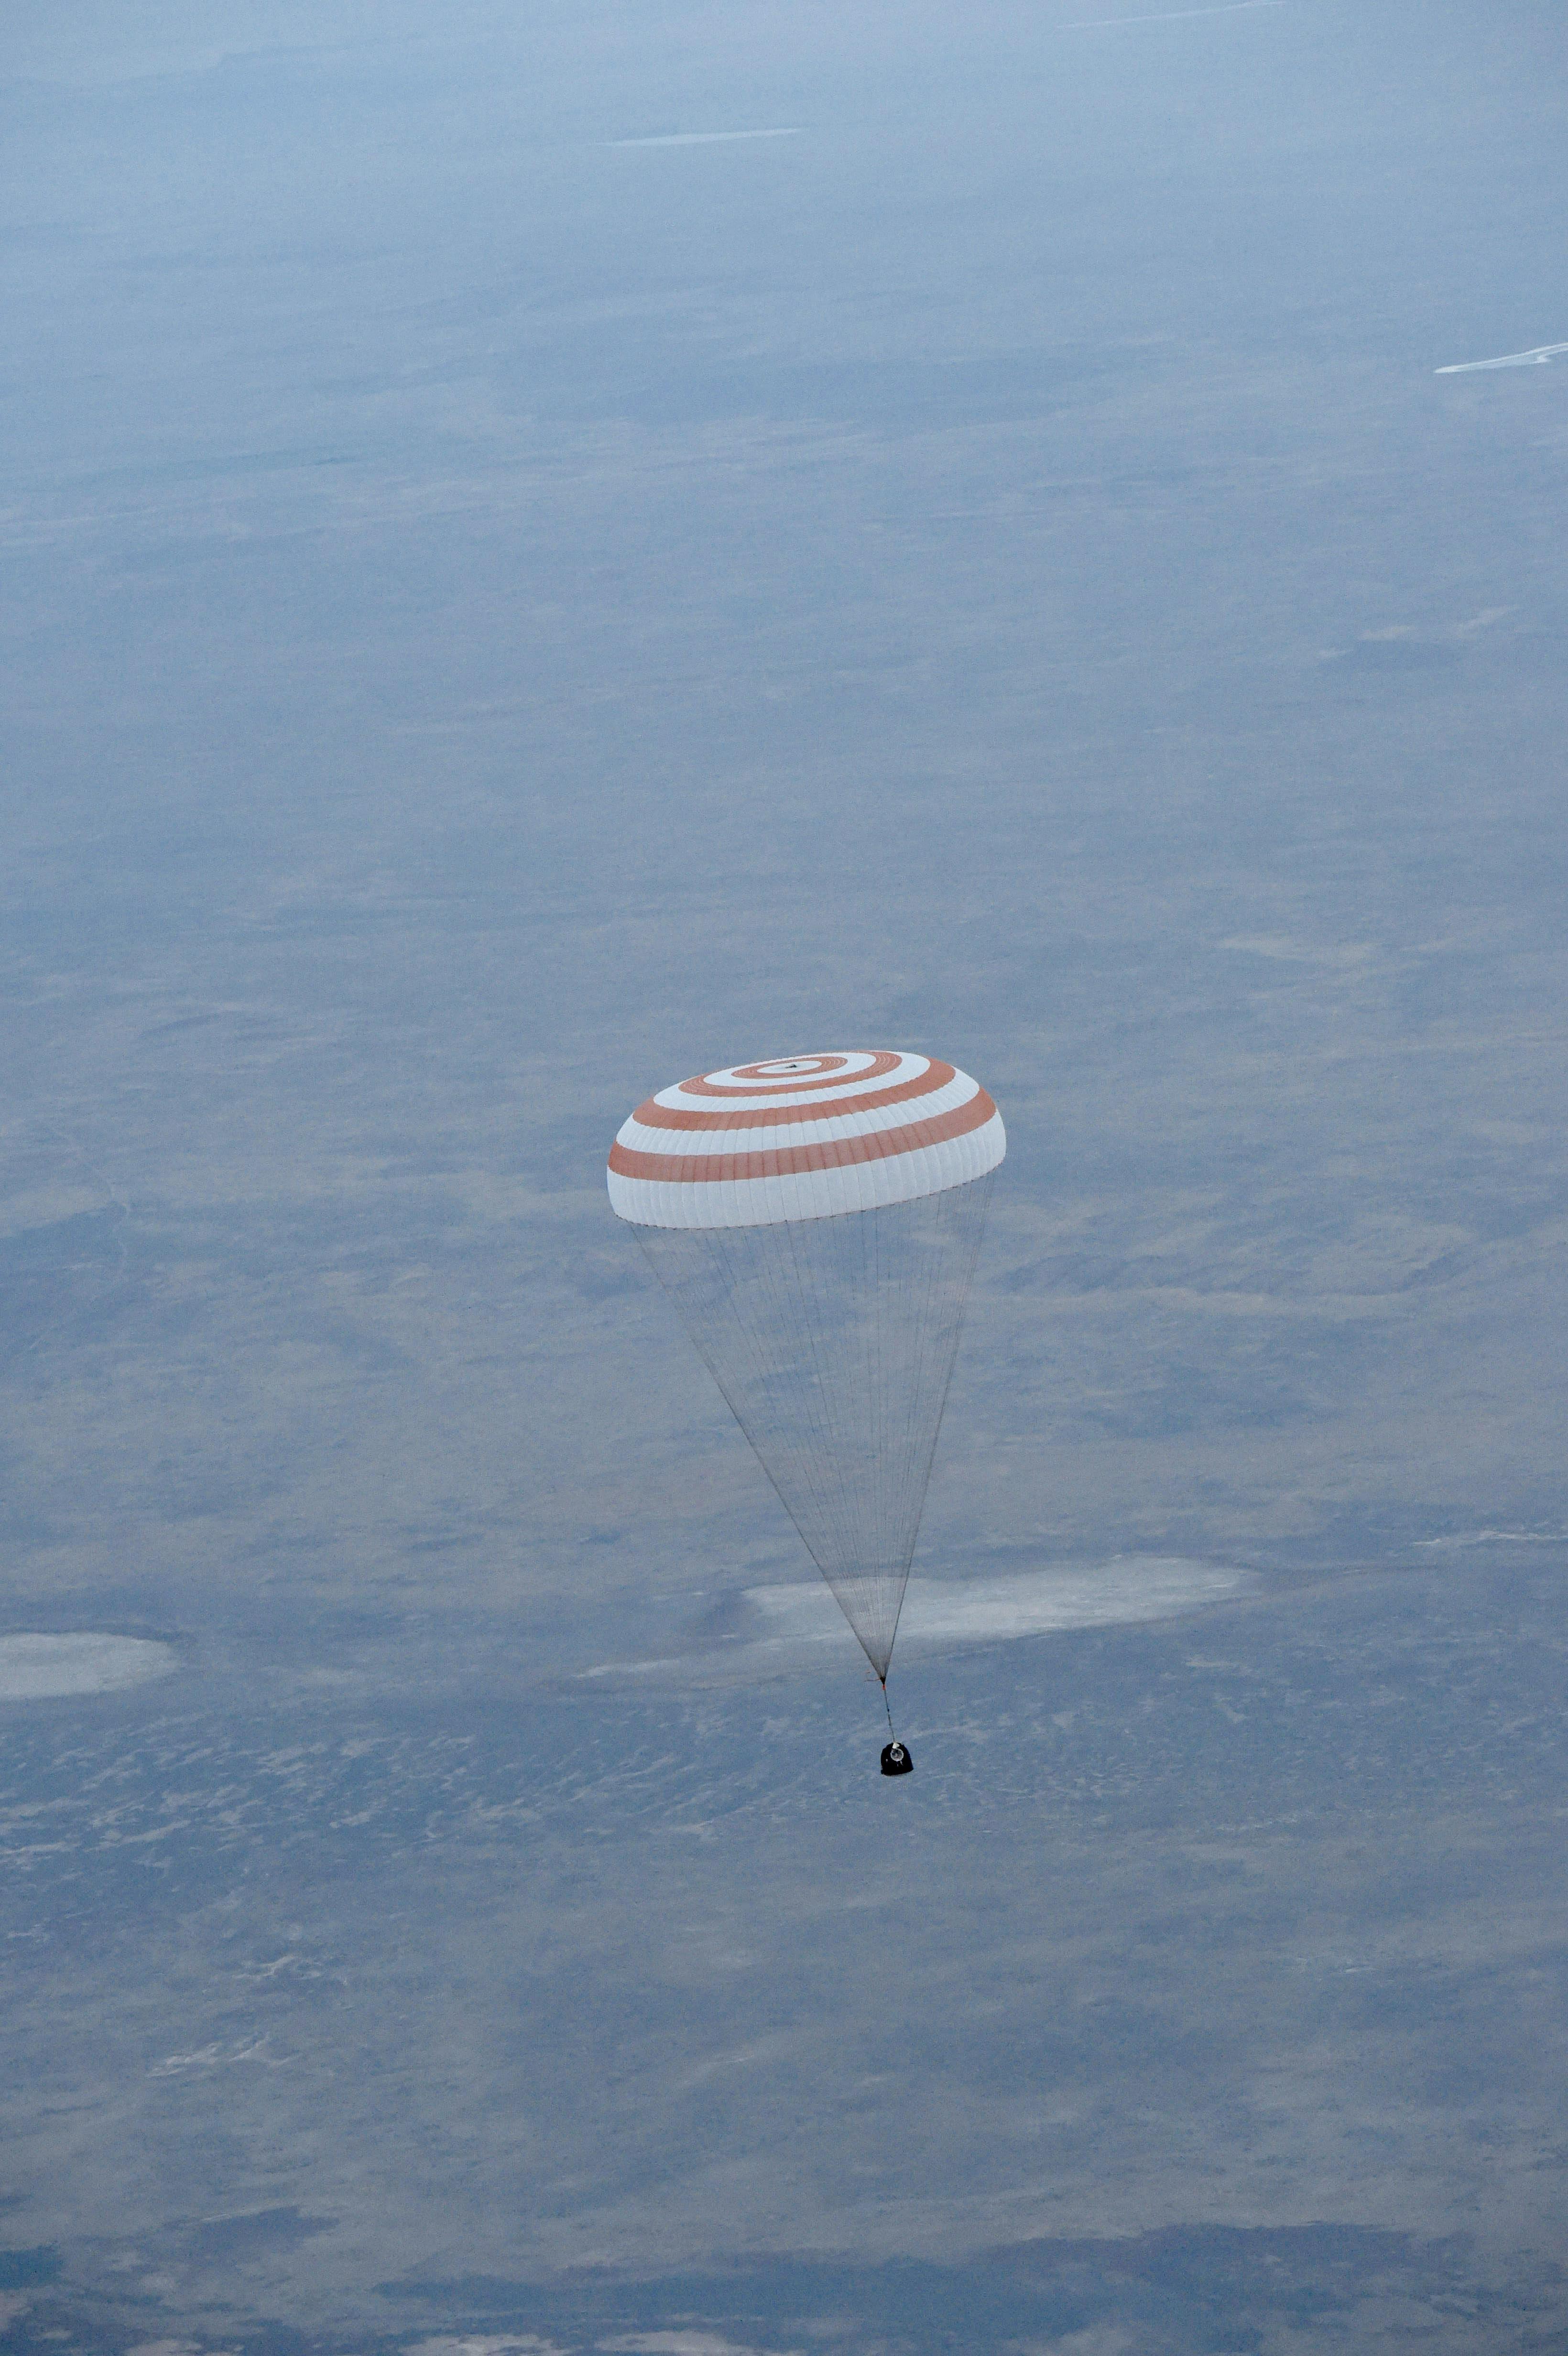 Space in Images - 2015 - 09 - Soyuz TMA-16M capsule landing